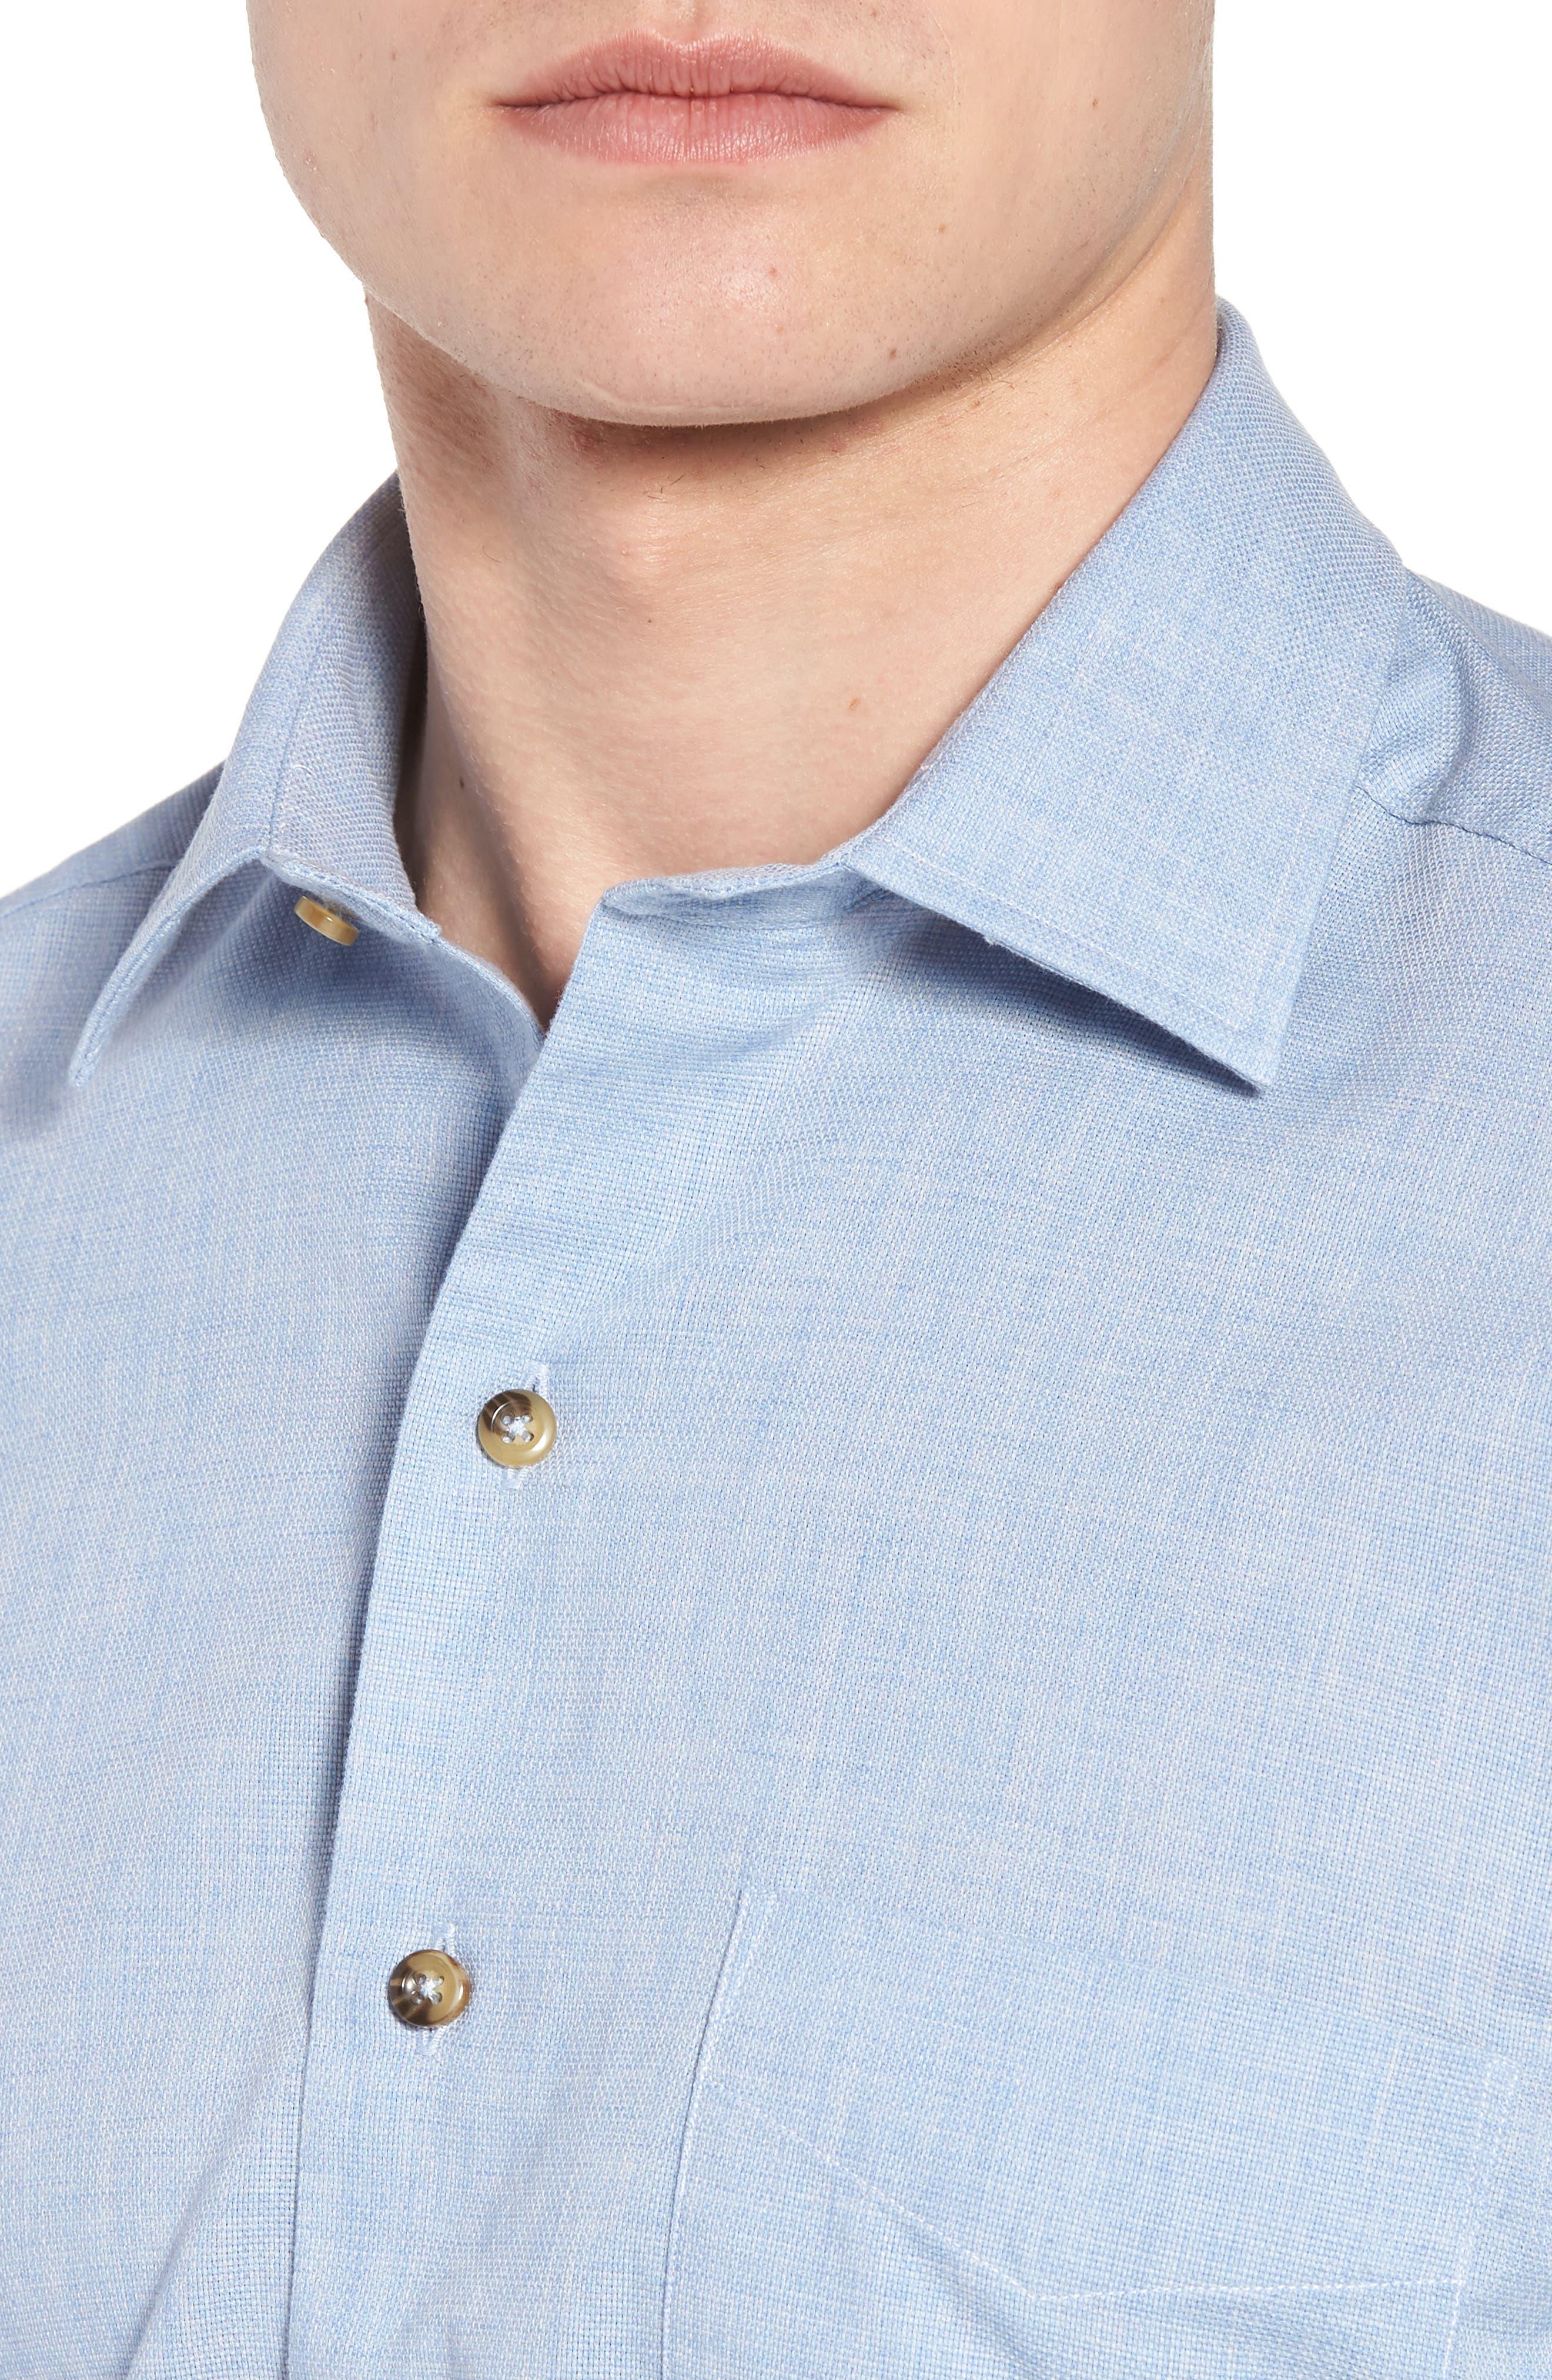 Regular Fit Garment Washed Mélange Sport Shirt,                             Alternate thumbnail 4, color,                             Sky